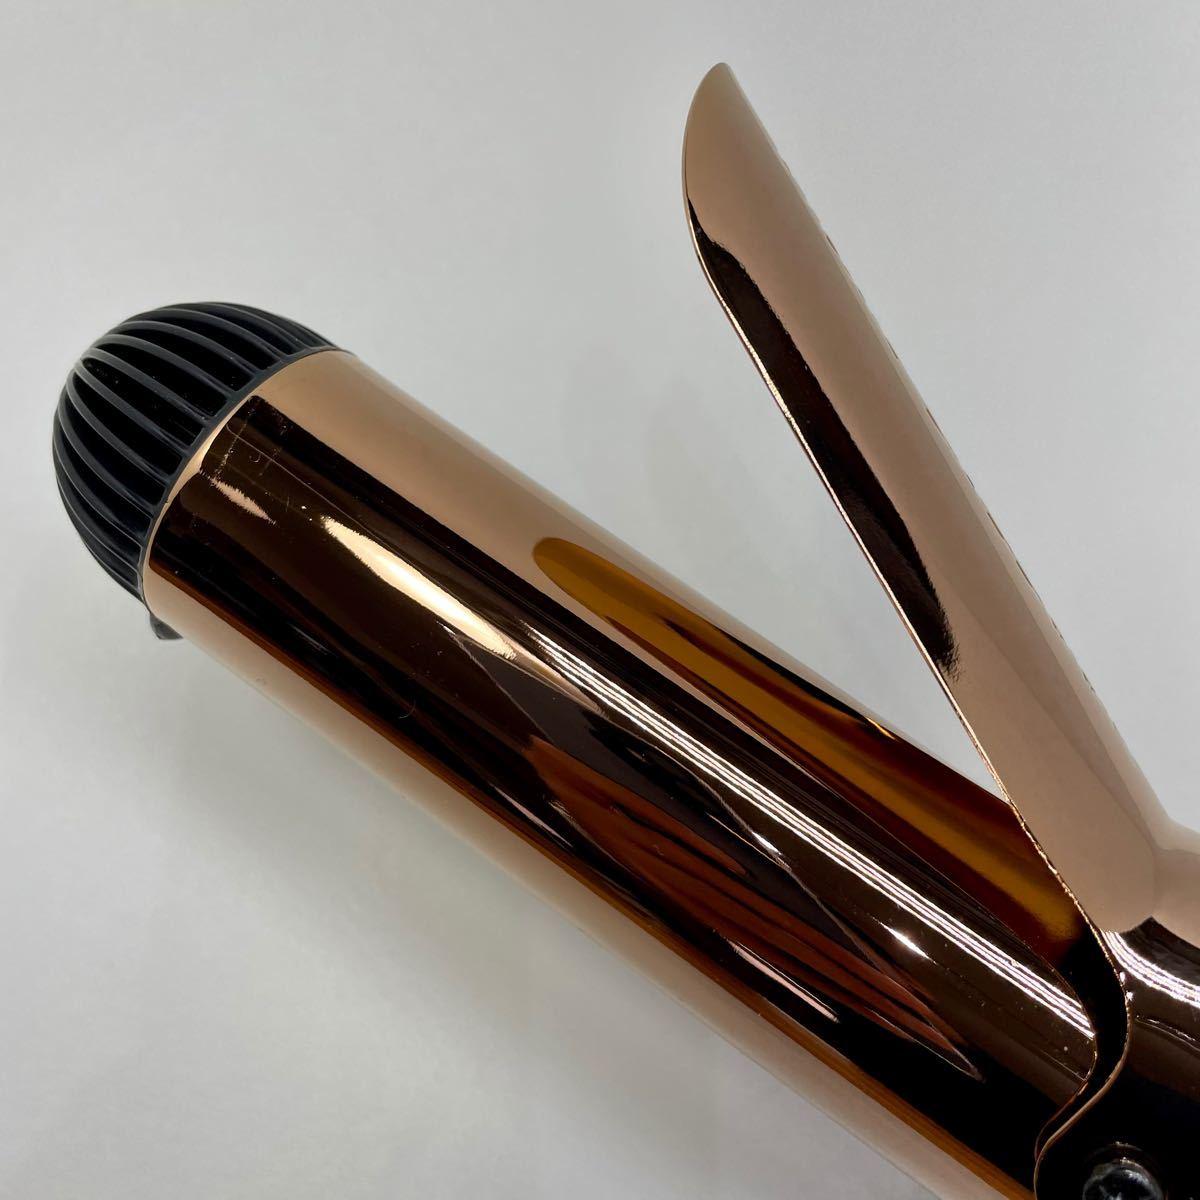 ヘアアイロン カール 未使用 ヴィダル サスーン 38mm マジックシャイン 5段階温度調節 ブラック VSI-3832/KJ